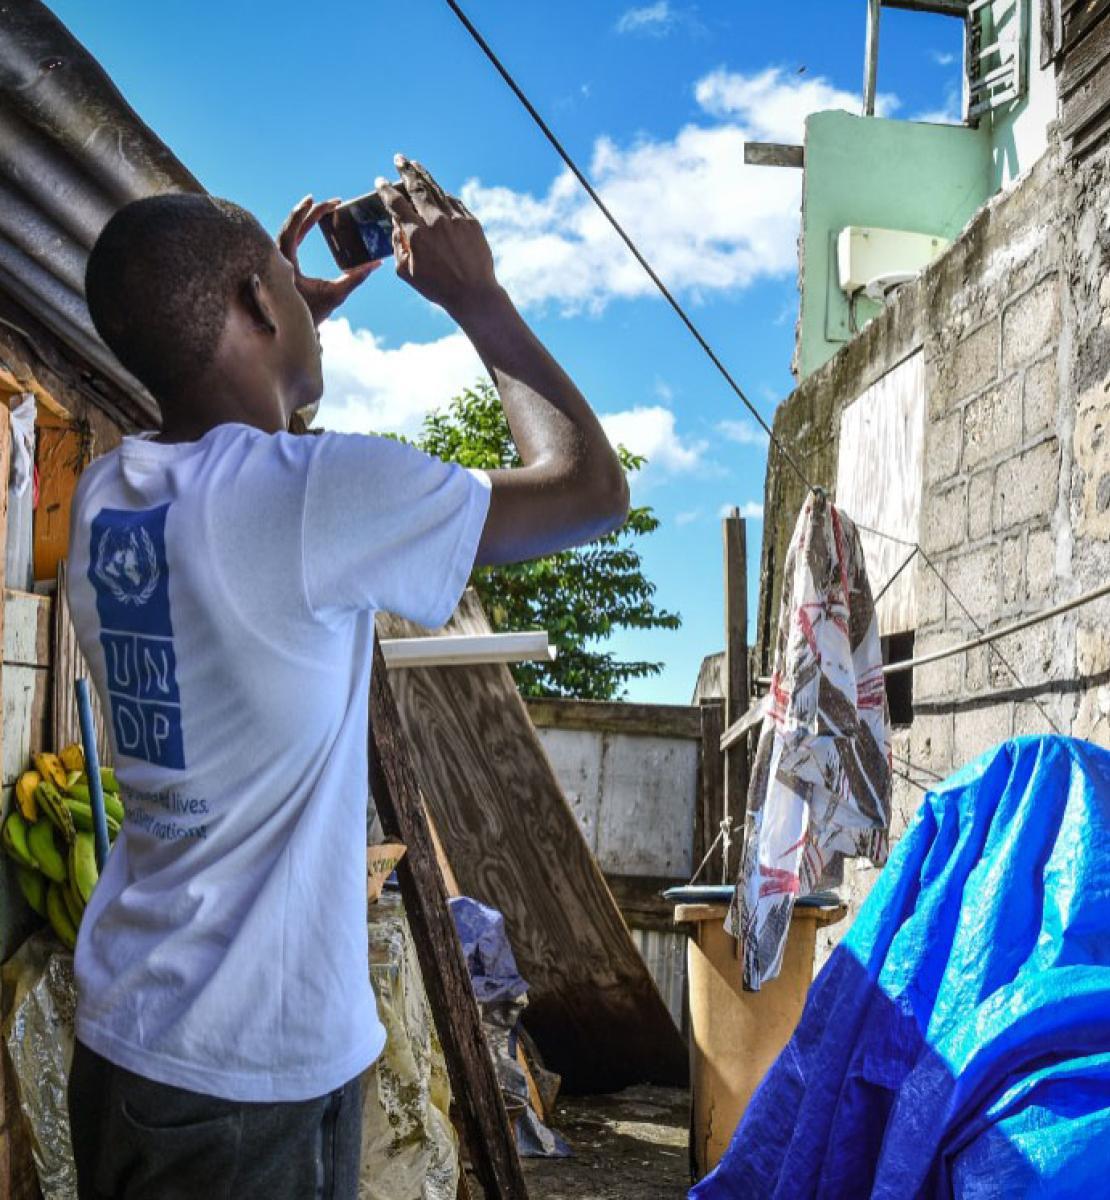 Dans une ruelle exigüe jonchée d'objets en tous genres, un jeune homme vêtu d'un t-shirt au dos duquel on peut voir le logo du PNUD prend en photo le mur qui se trouve en face de lui à l'aide de son téléphone mobile.